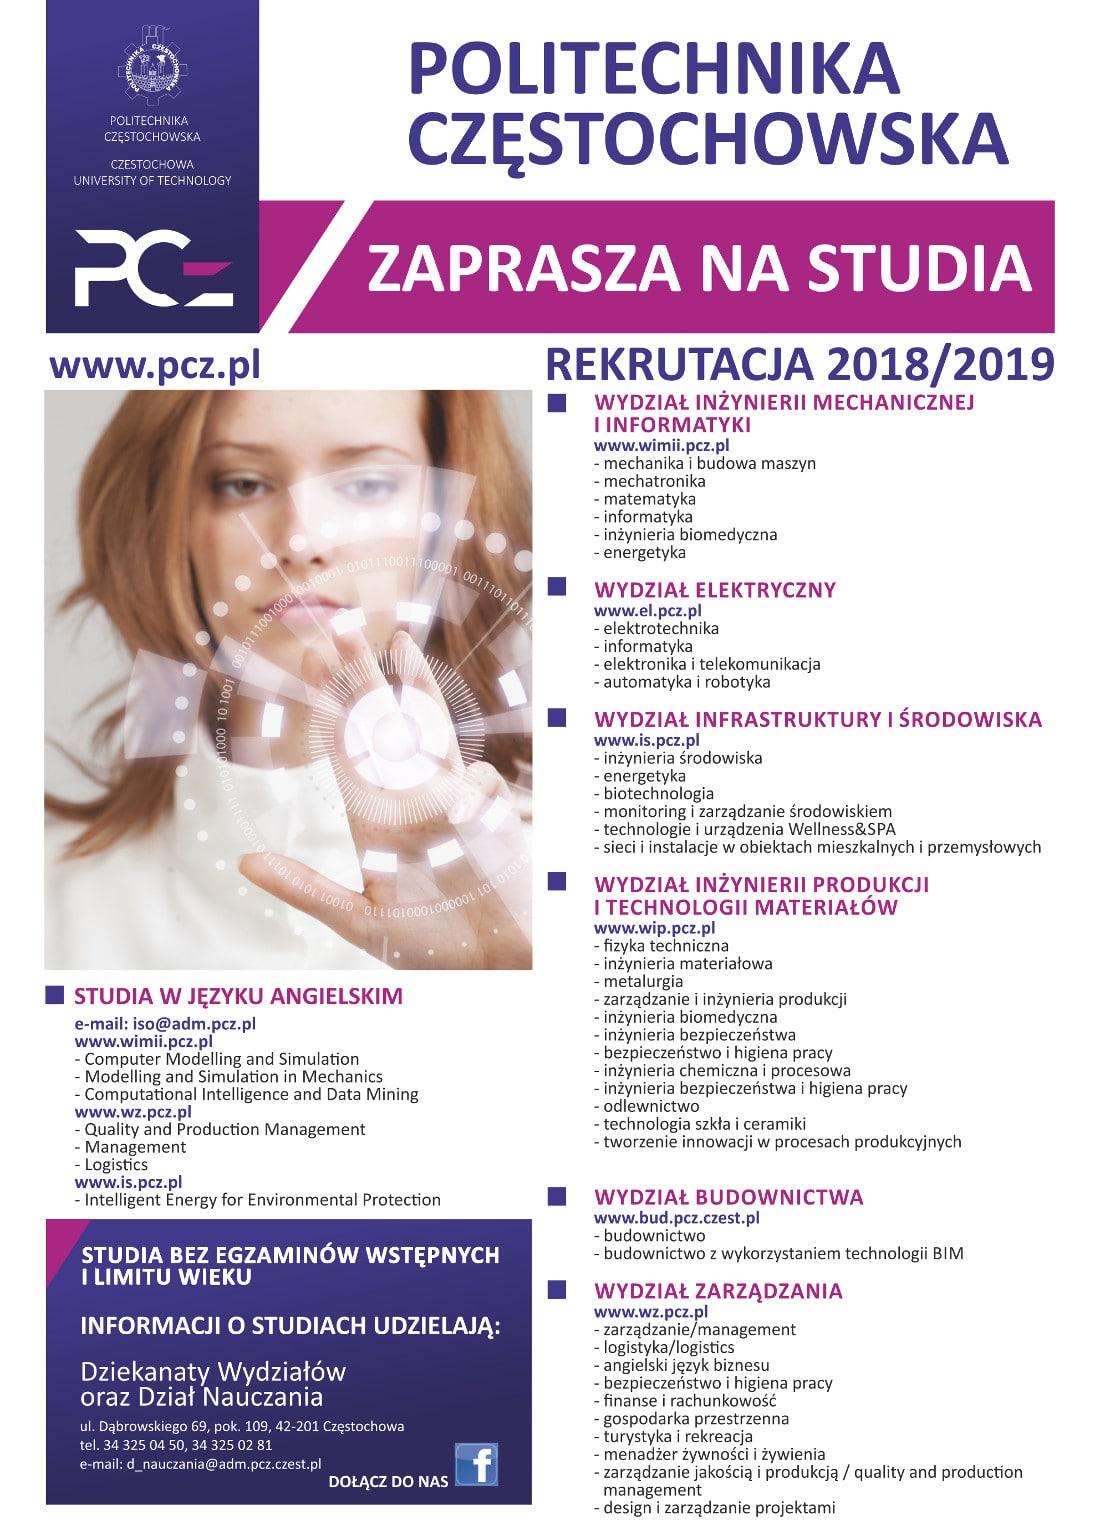 Zobacz ofertę kierunków na Politechnice Częstochowskiej!